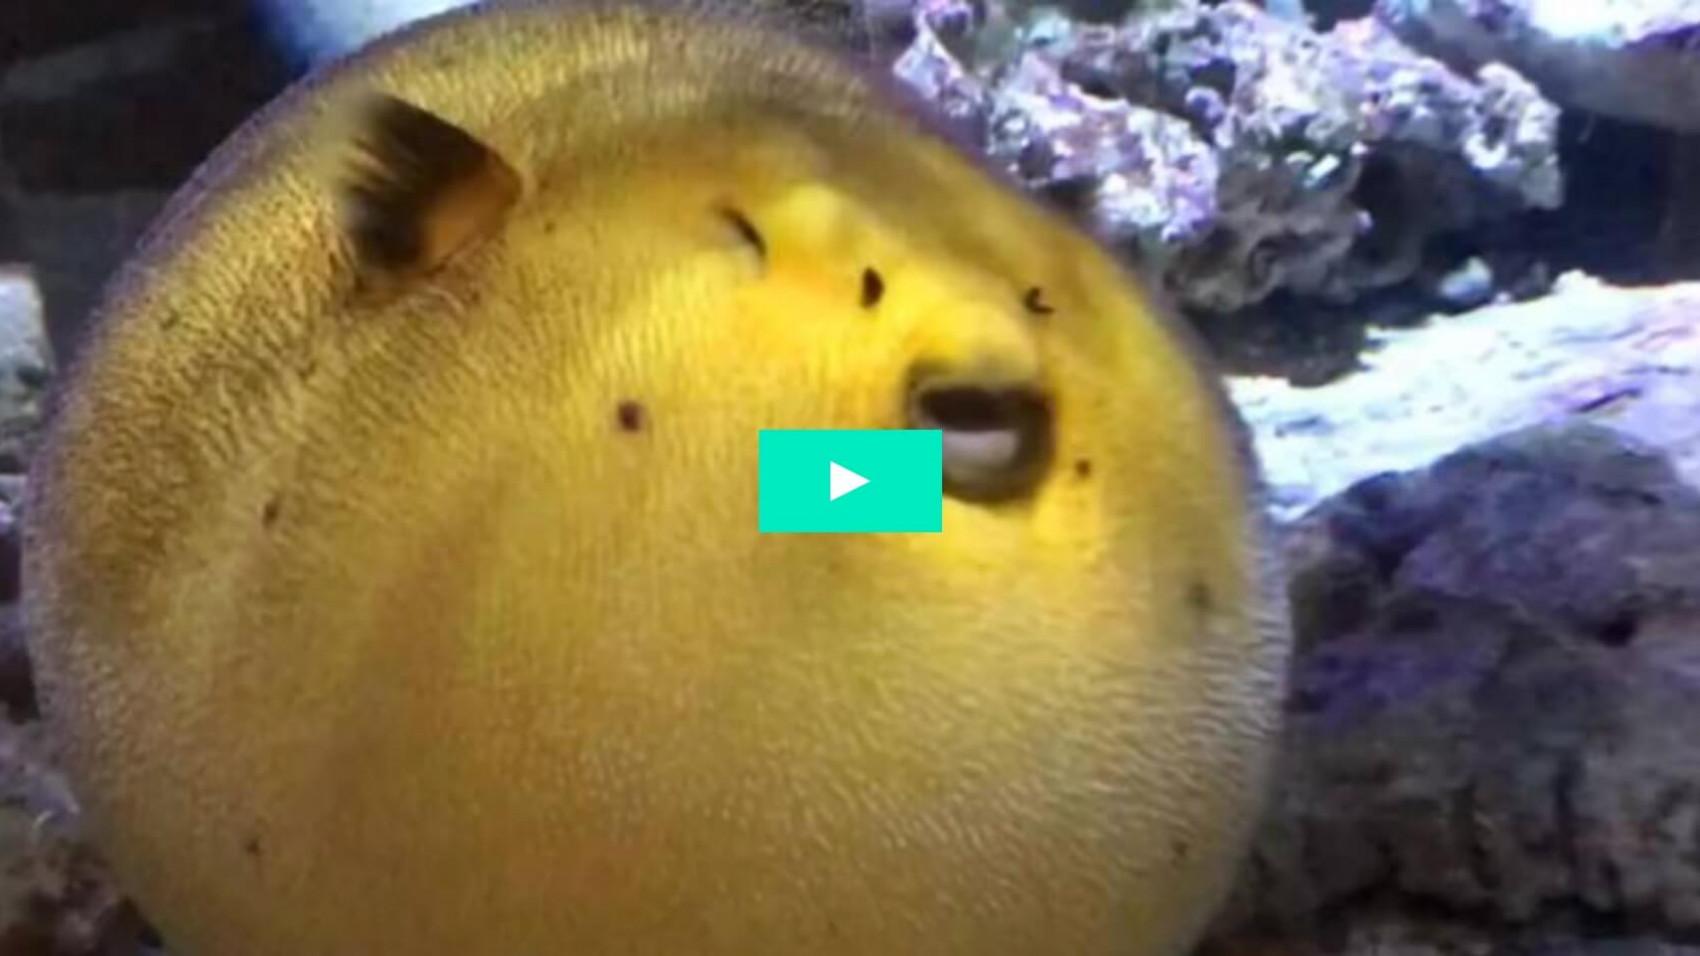 Vild video: Se kuglefisken oppustet